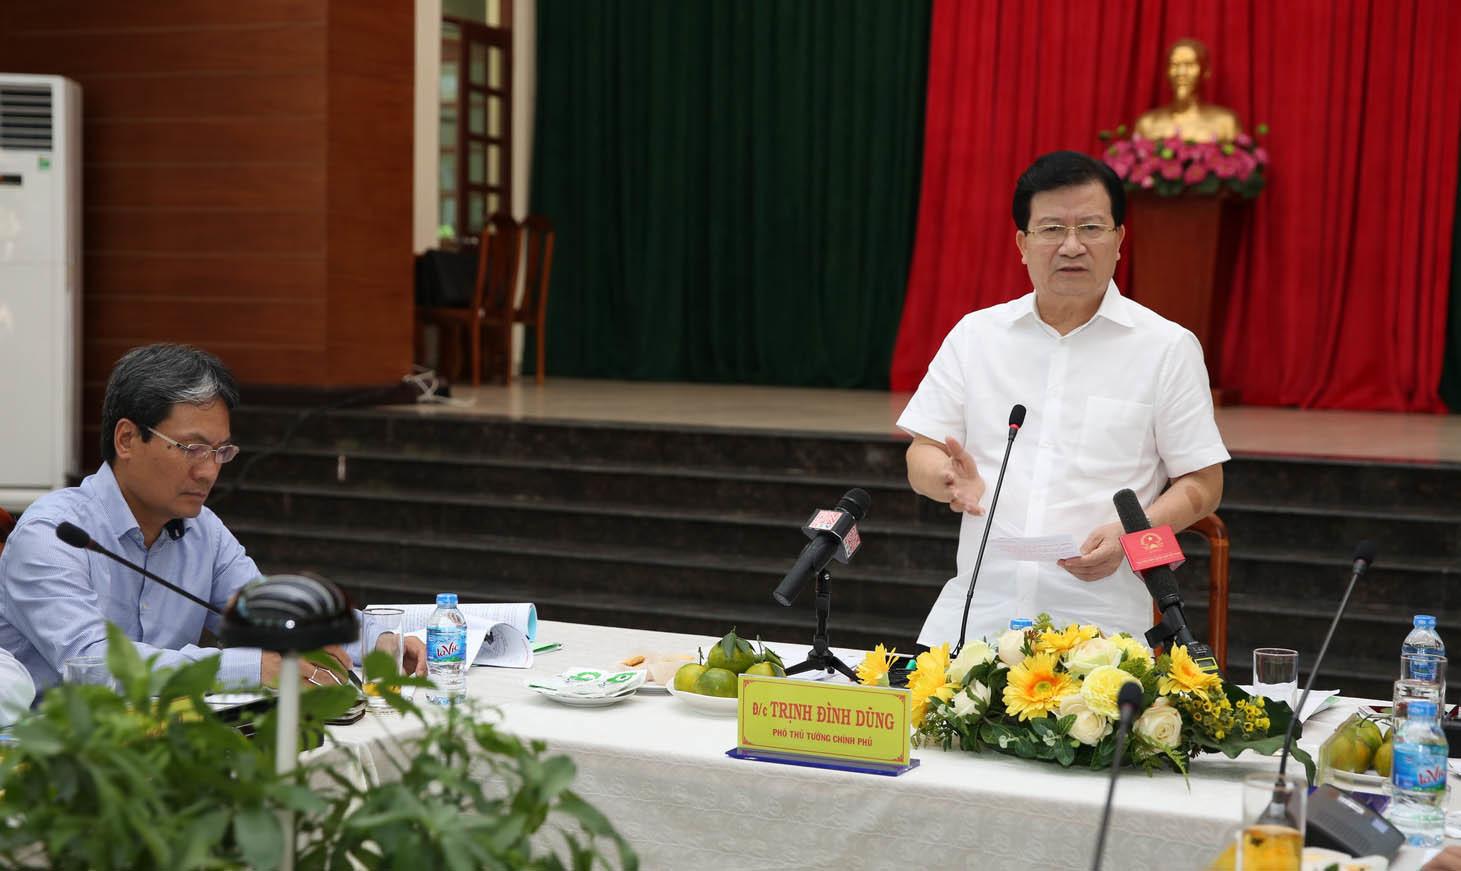 Sân bay Long Thành,Phó Thủ tướng,Trịnh Đình Dũng